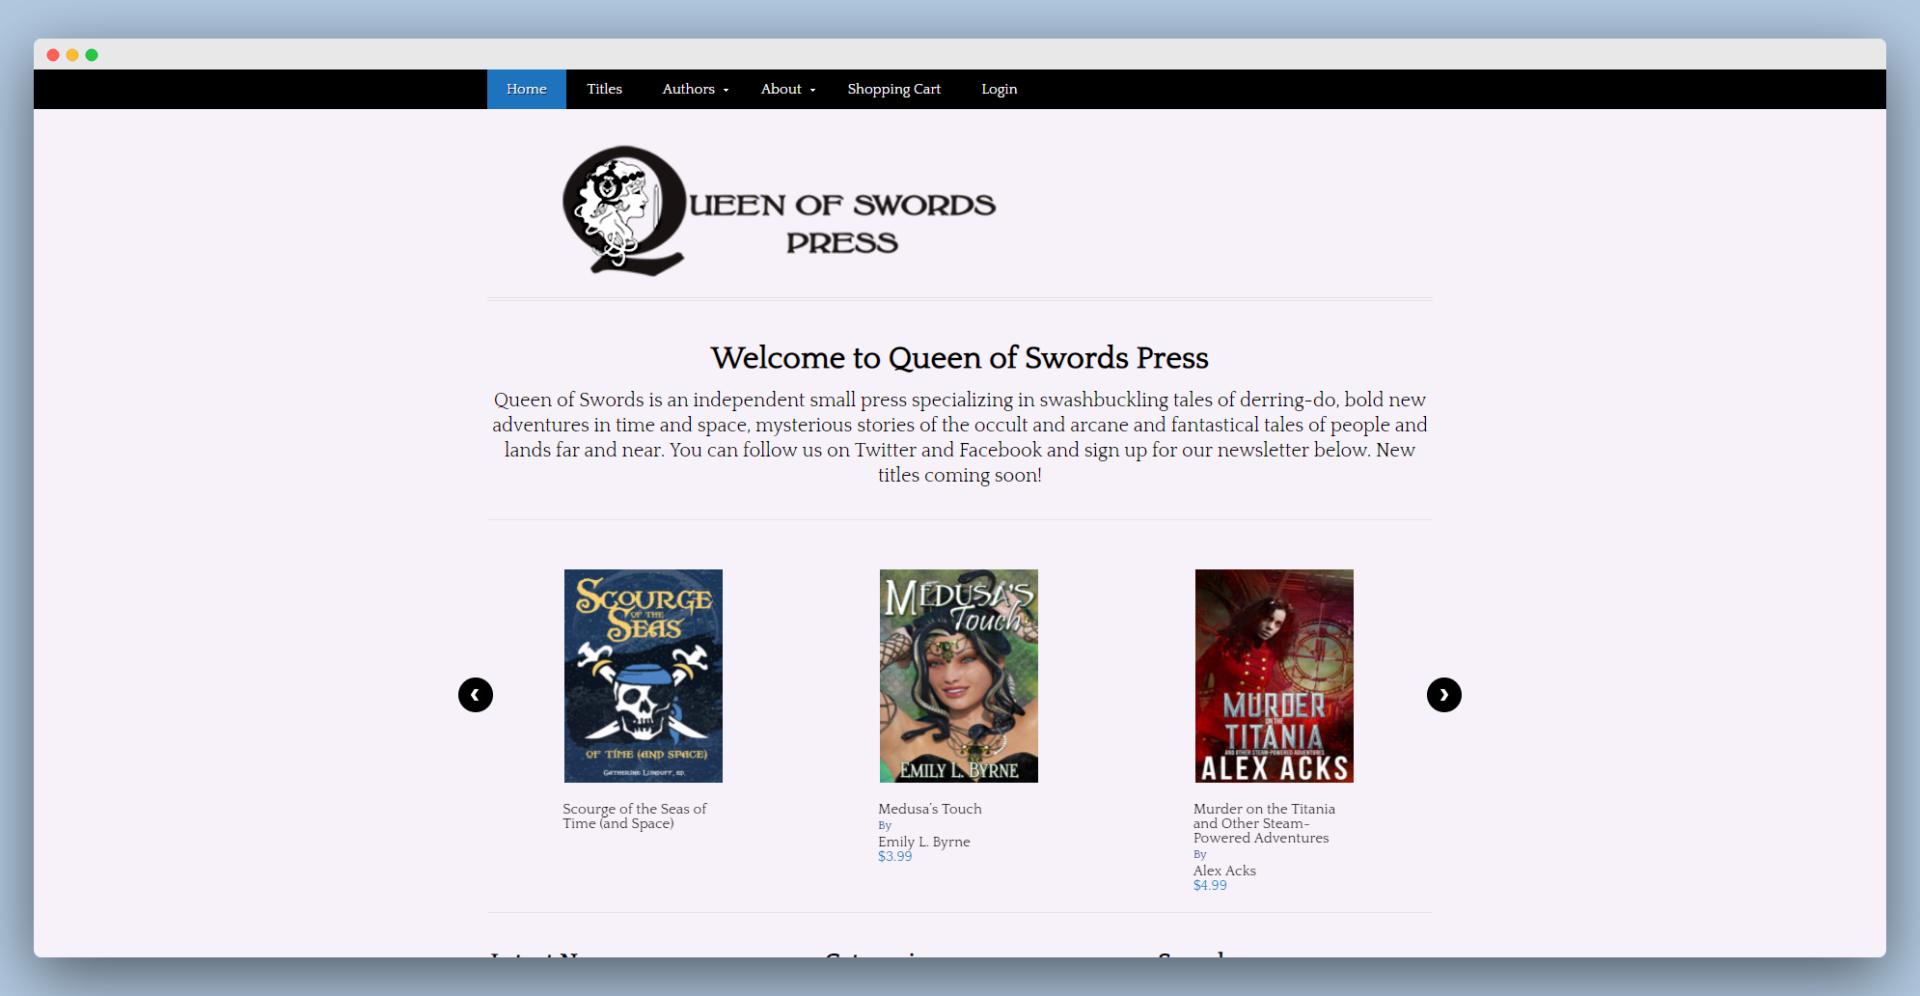 screenshot of the Queen of Swords website